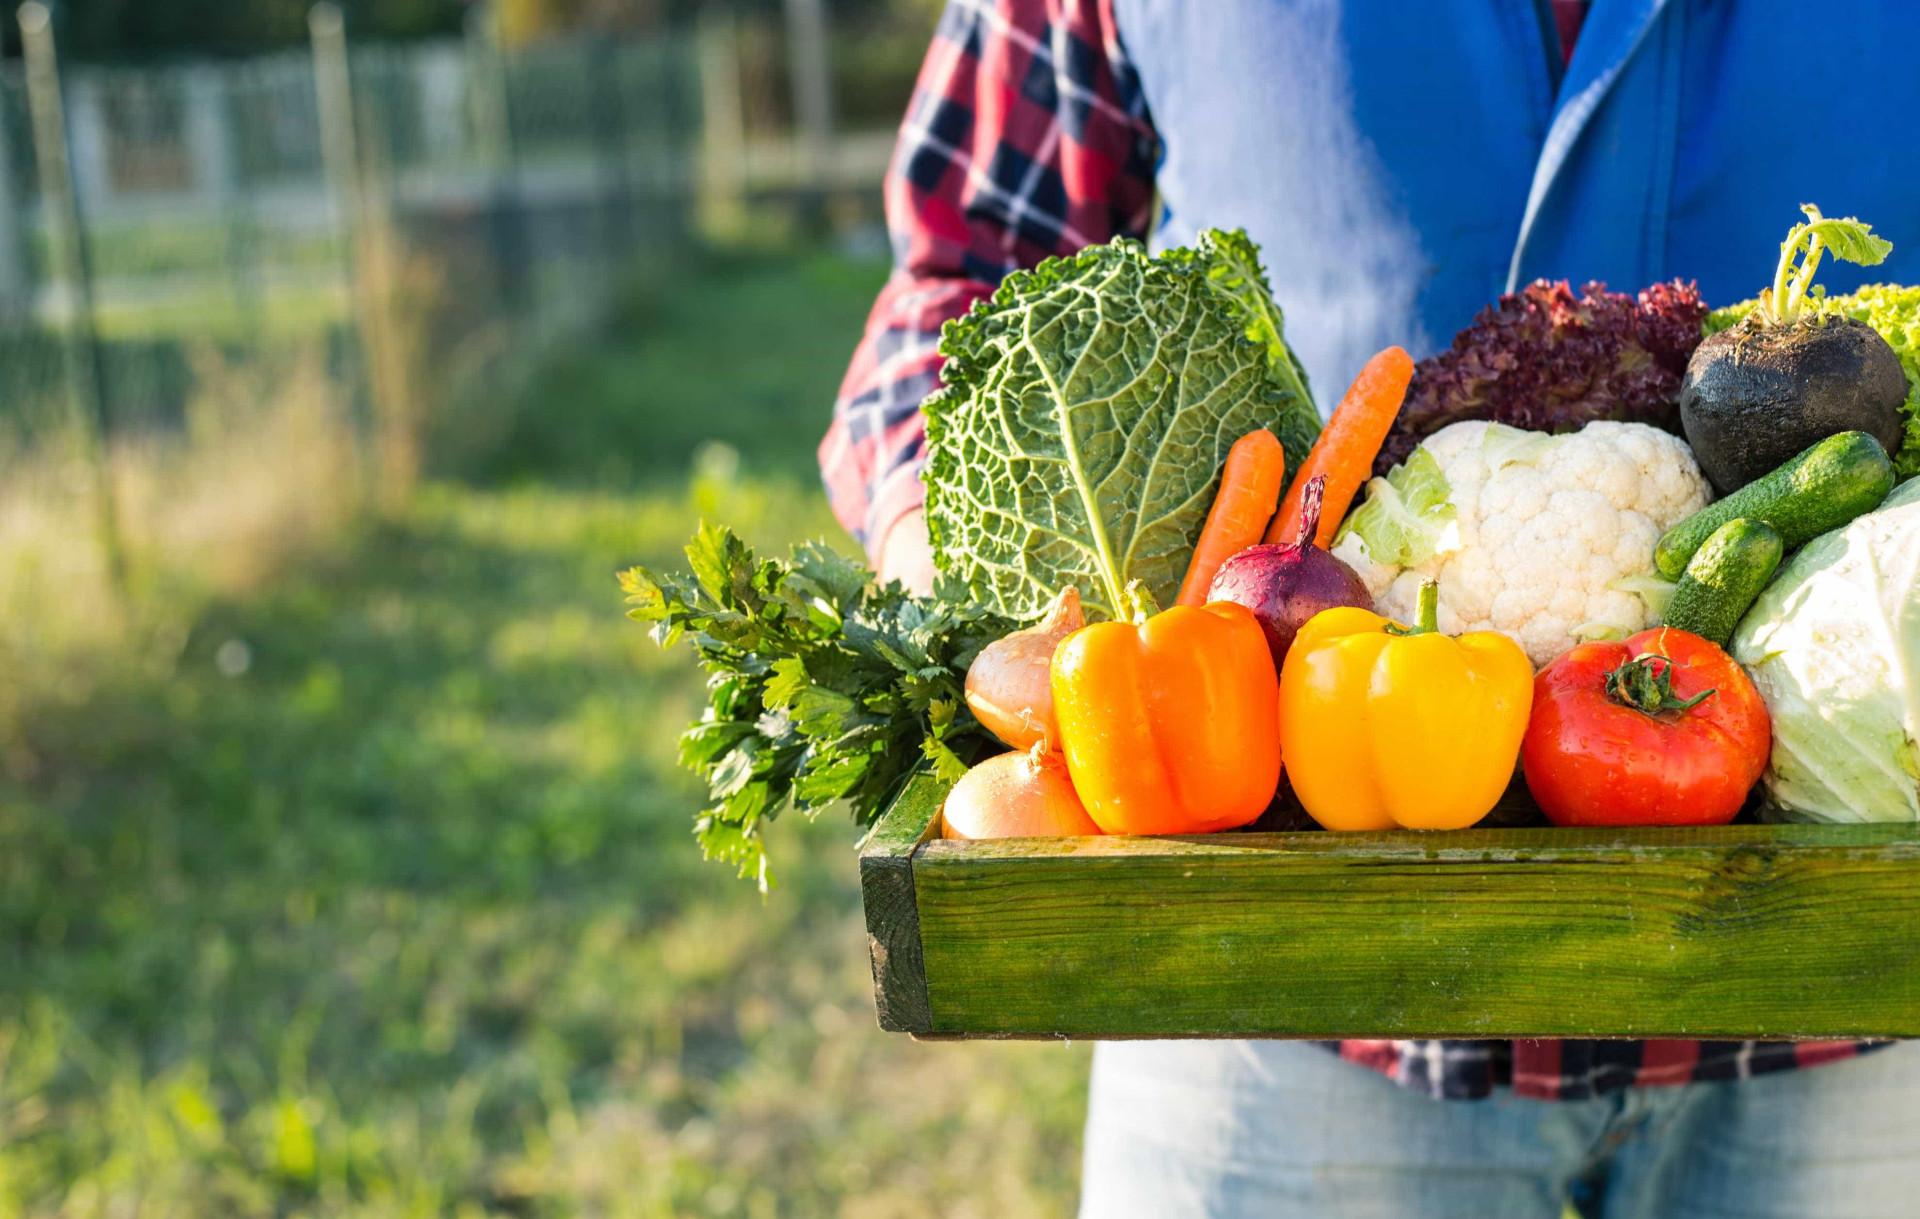 Estas frutas e vegetais têm uma validade mais longa do que imagina